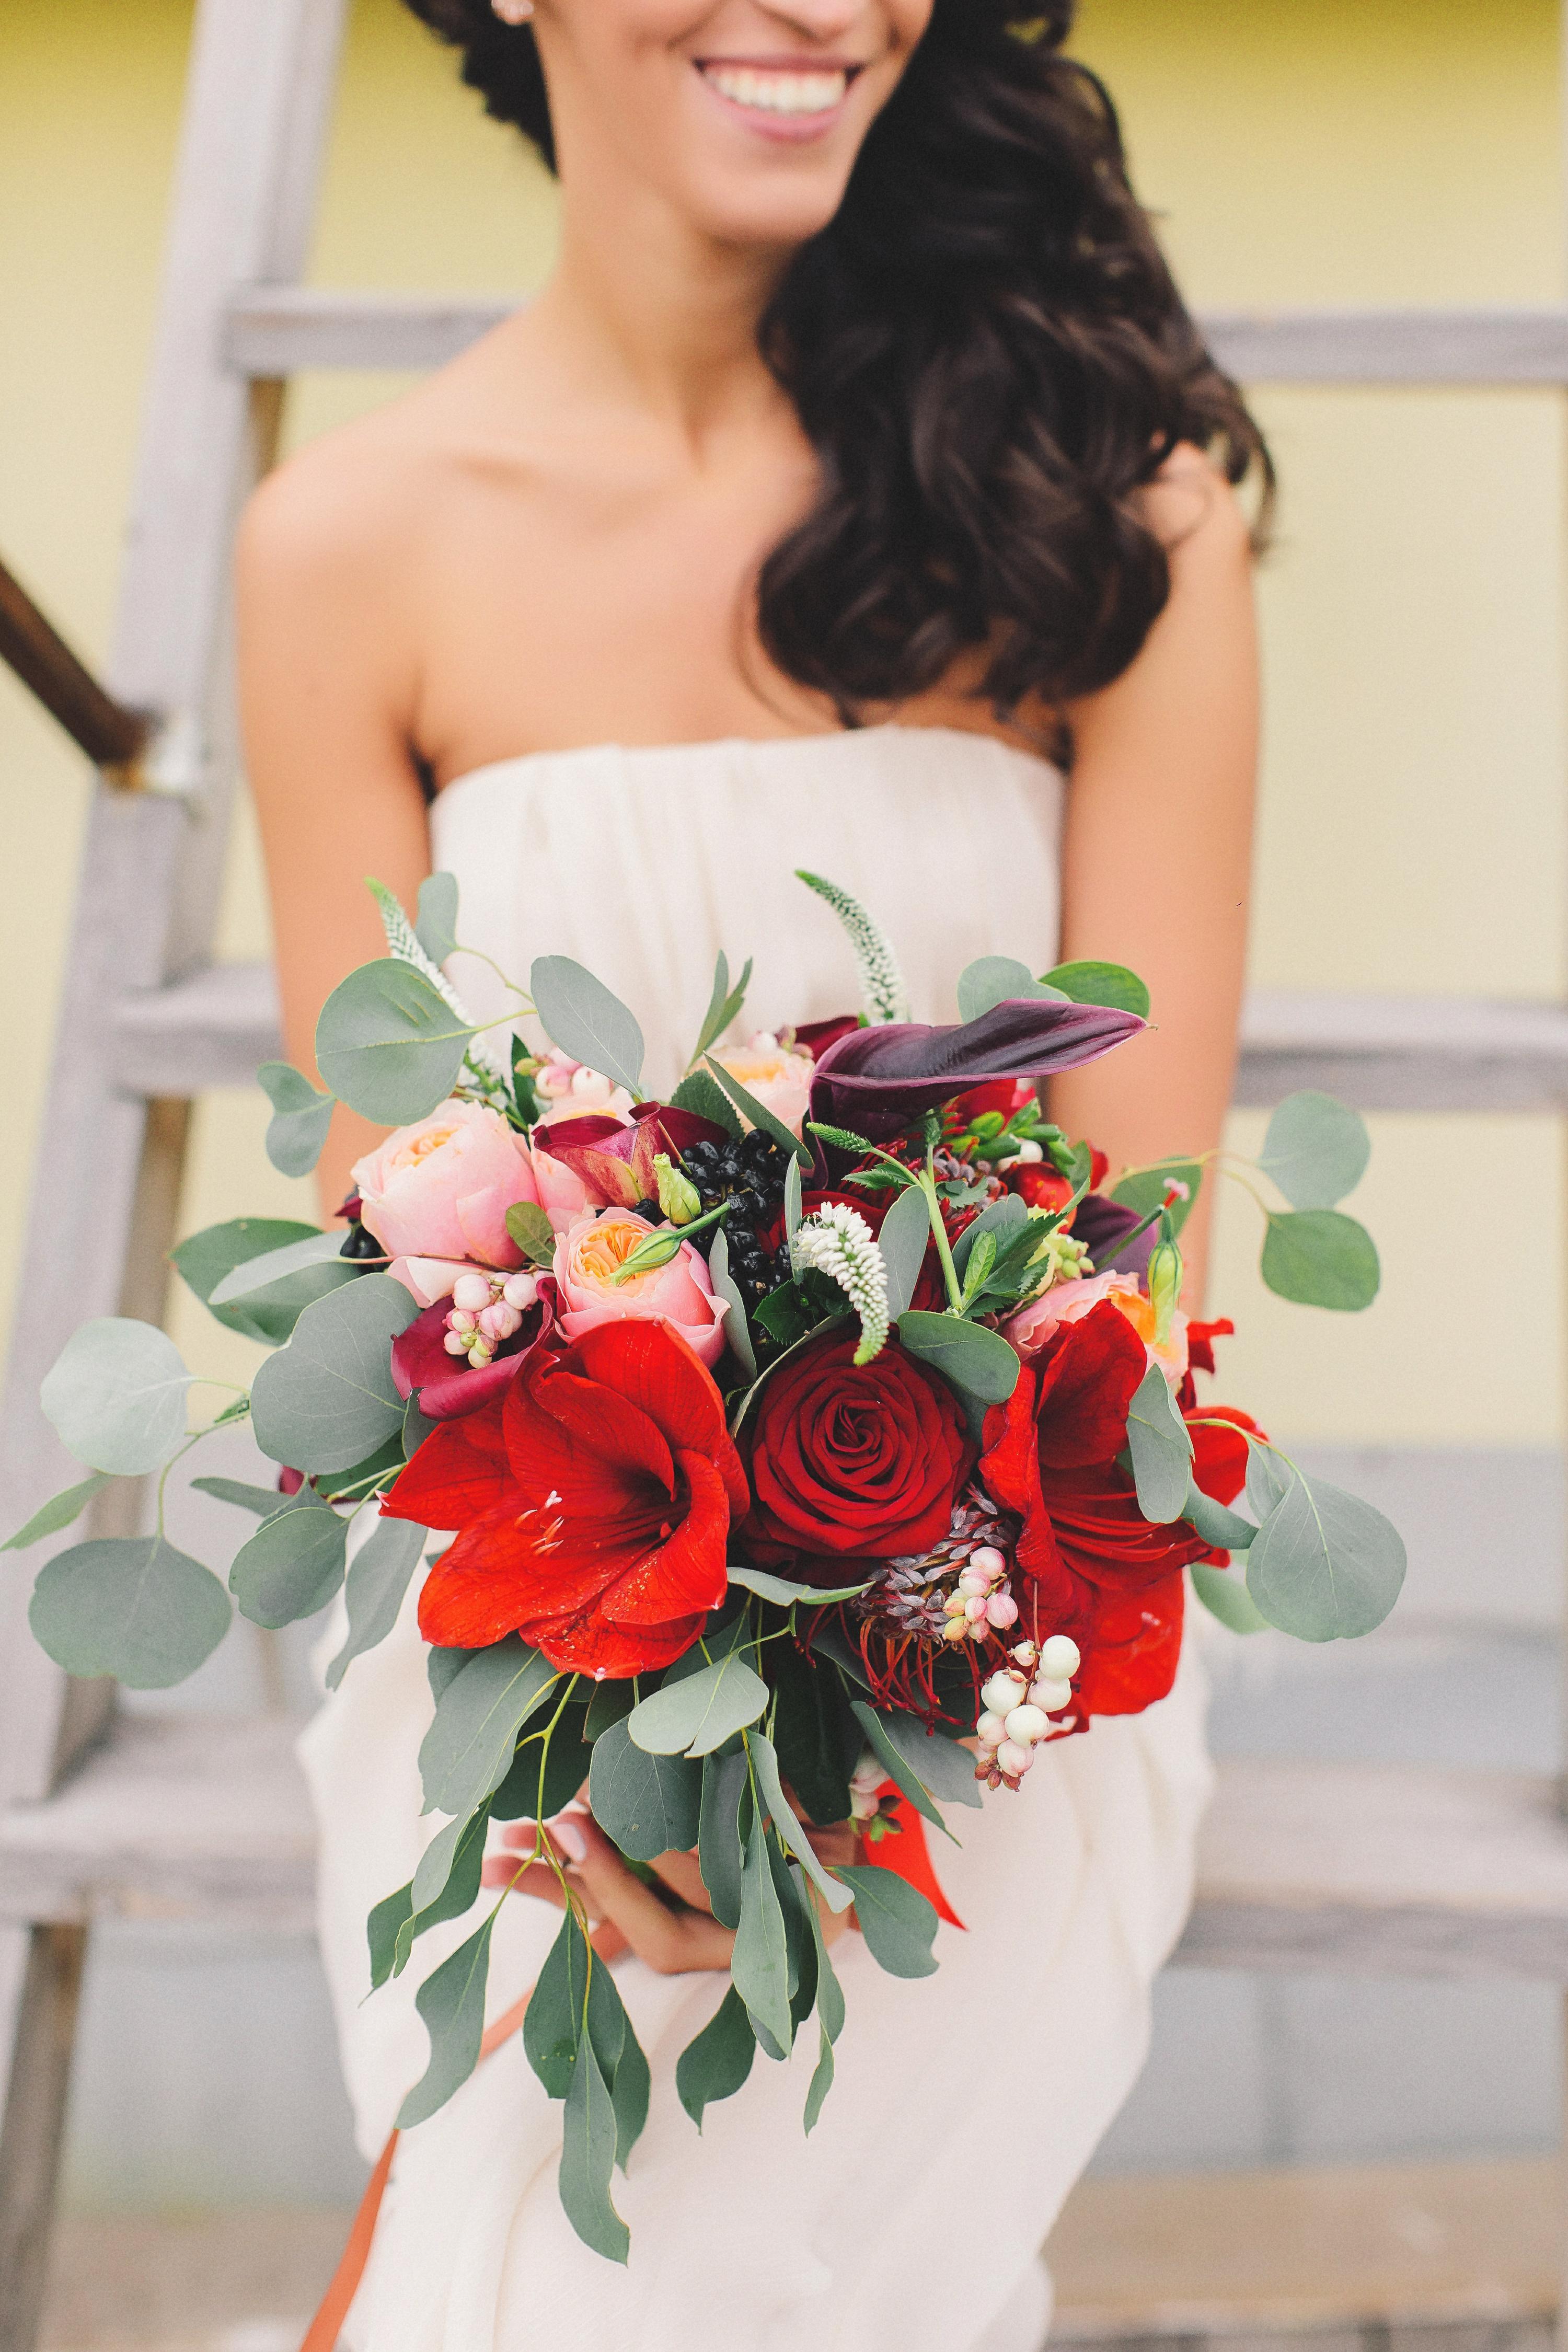 Букет невесты растрепанной фотрмы